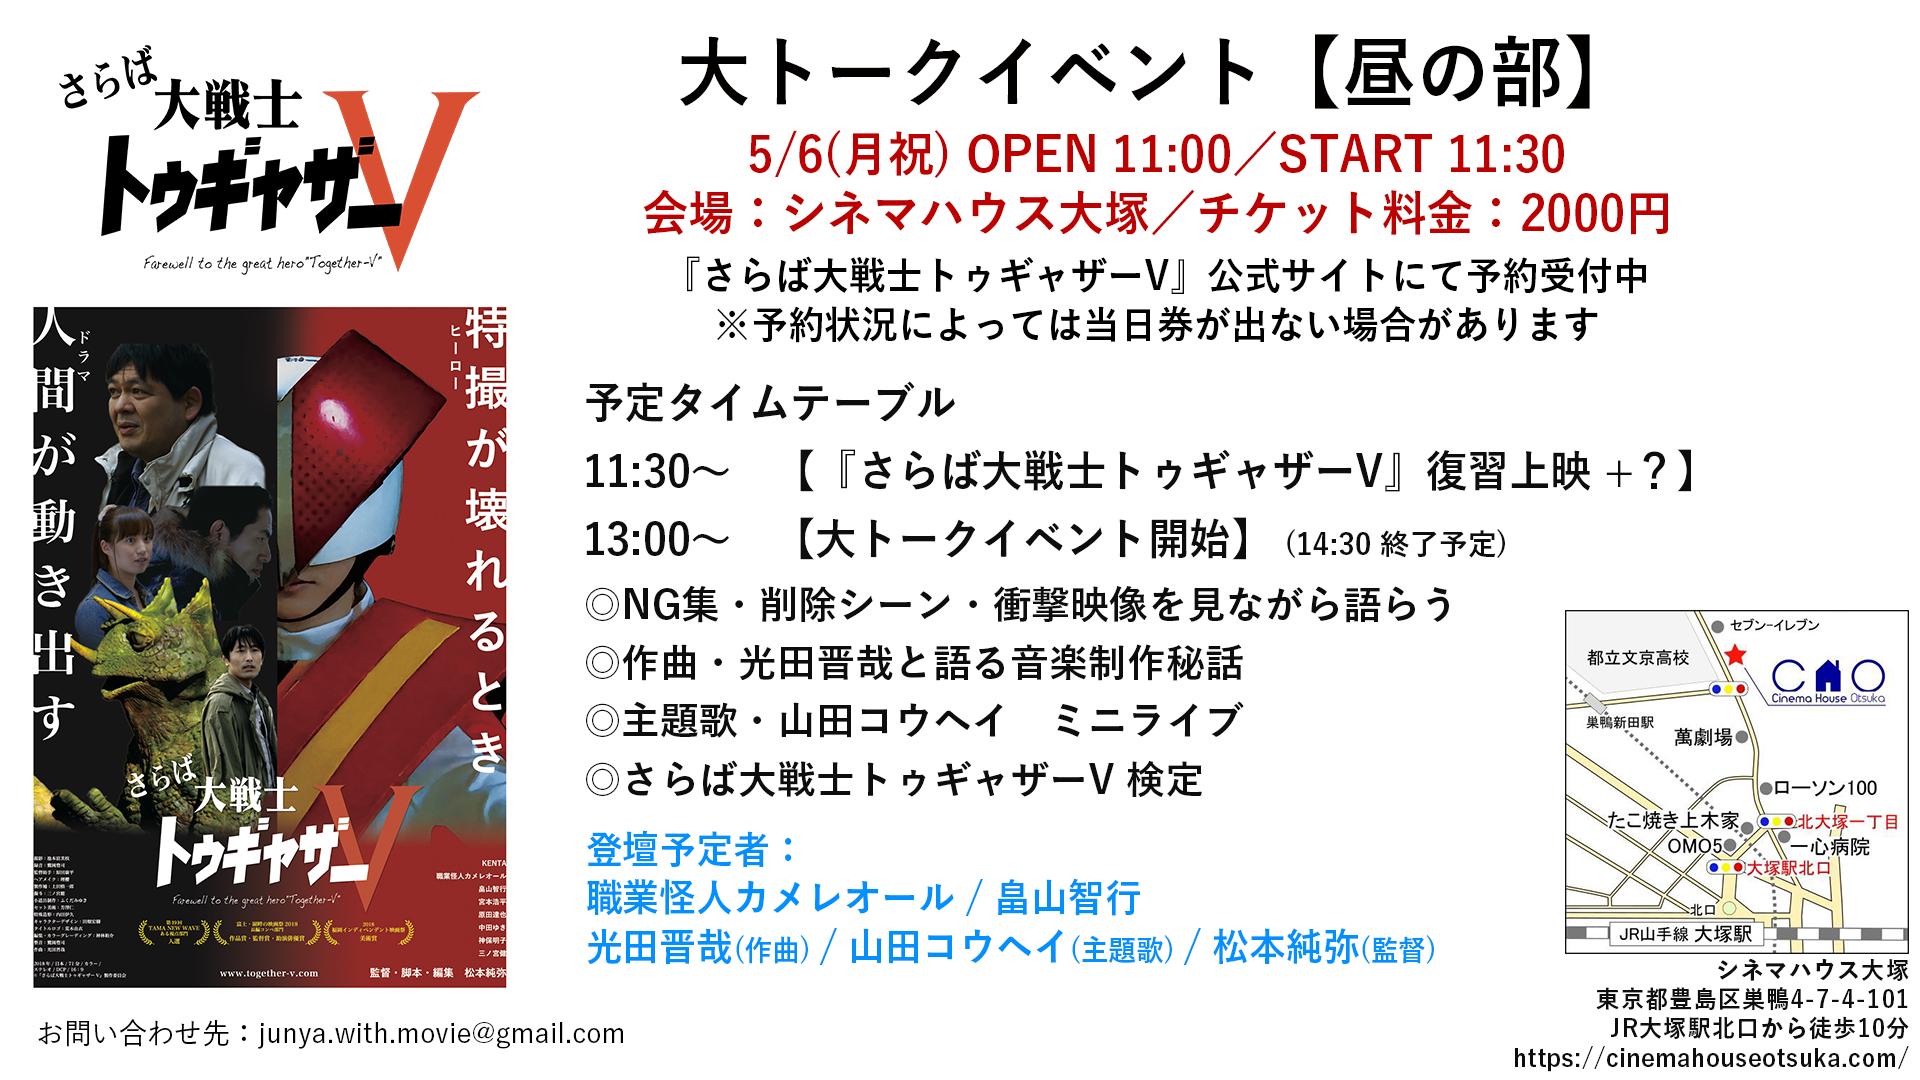 【昼の部】11:30 さらば大戦士トゥギャザーV・トークイベント